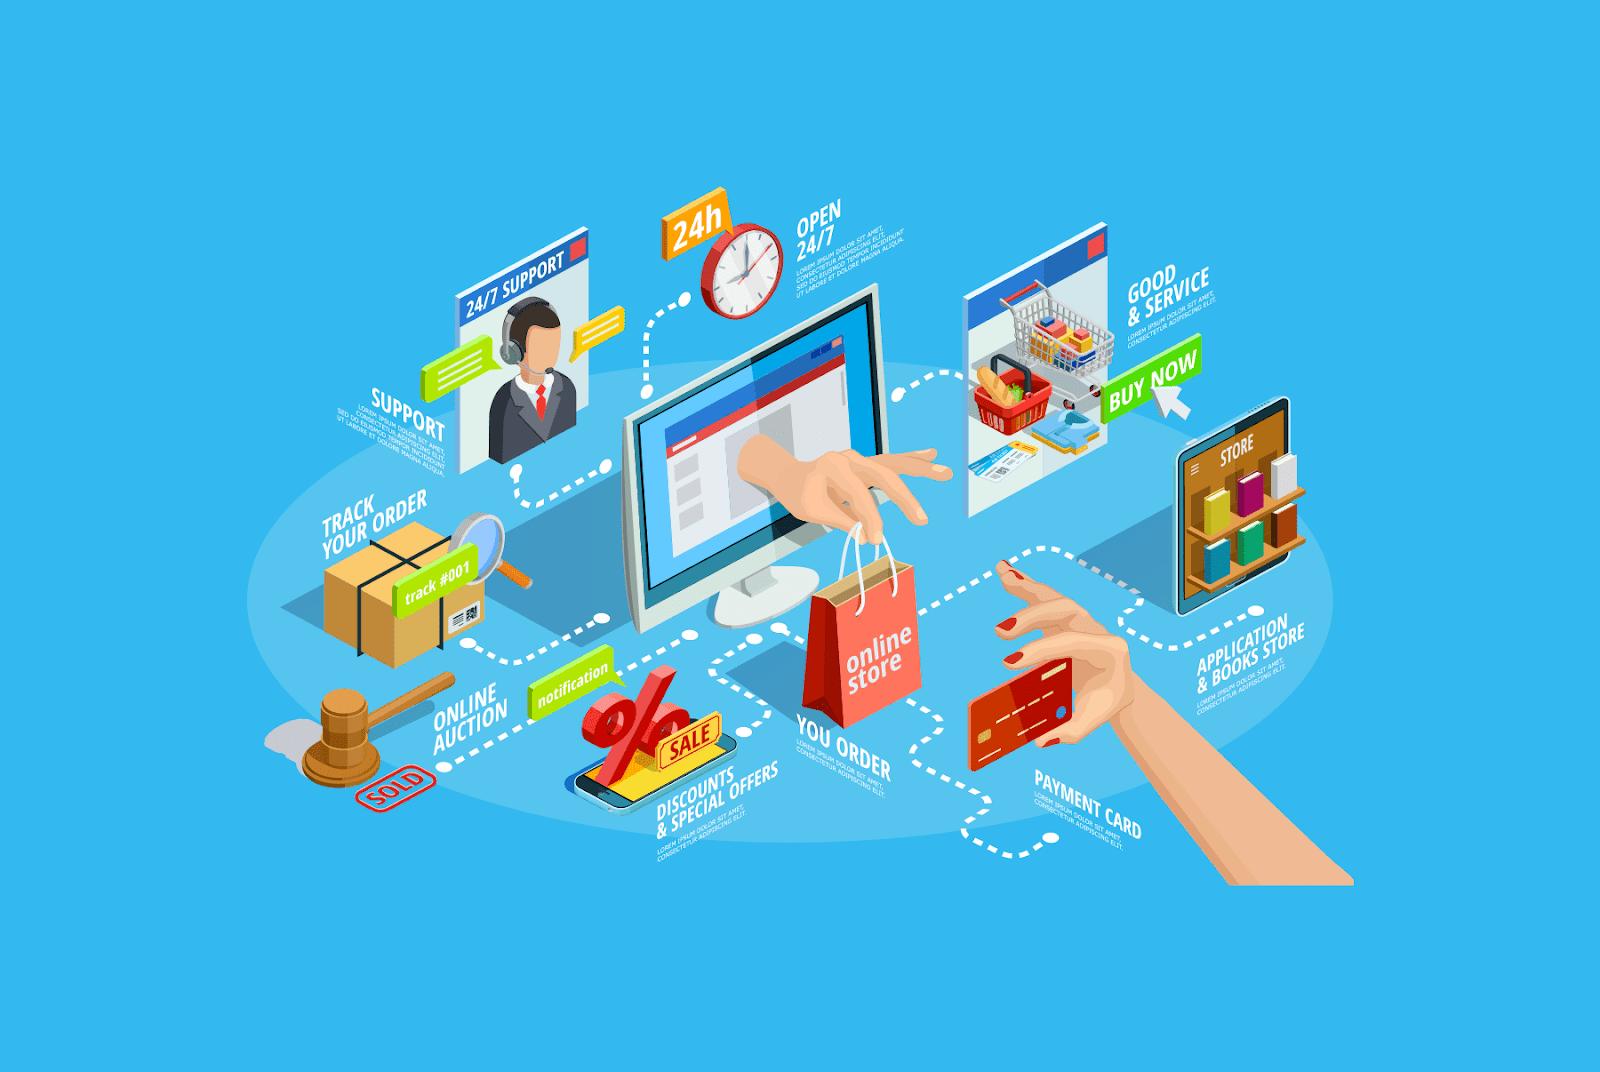 Áp dụng các hình thức Affiliate Marketing phù hợp sẽ mang lại hiệu quả cao hơn